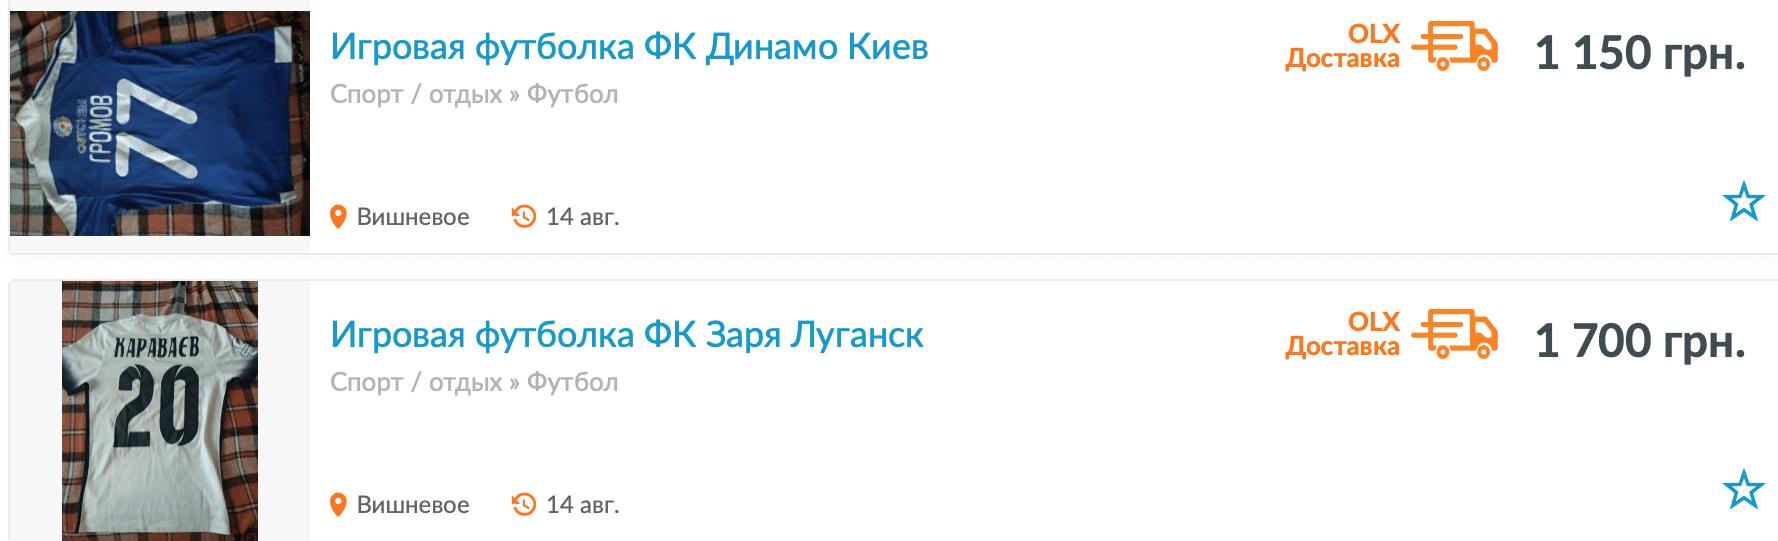 Вот это болельщики: онлайн можно купить футболки Шевченко, Ярмоленко и многих других (Фото) - изображение 4